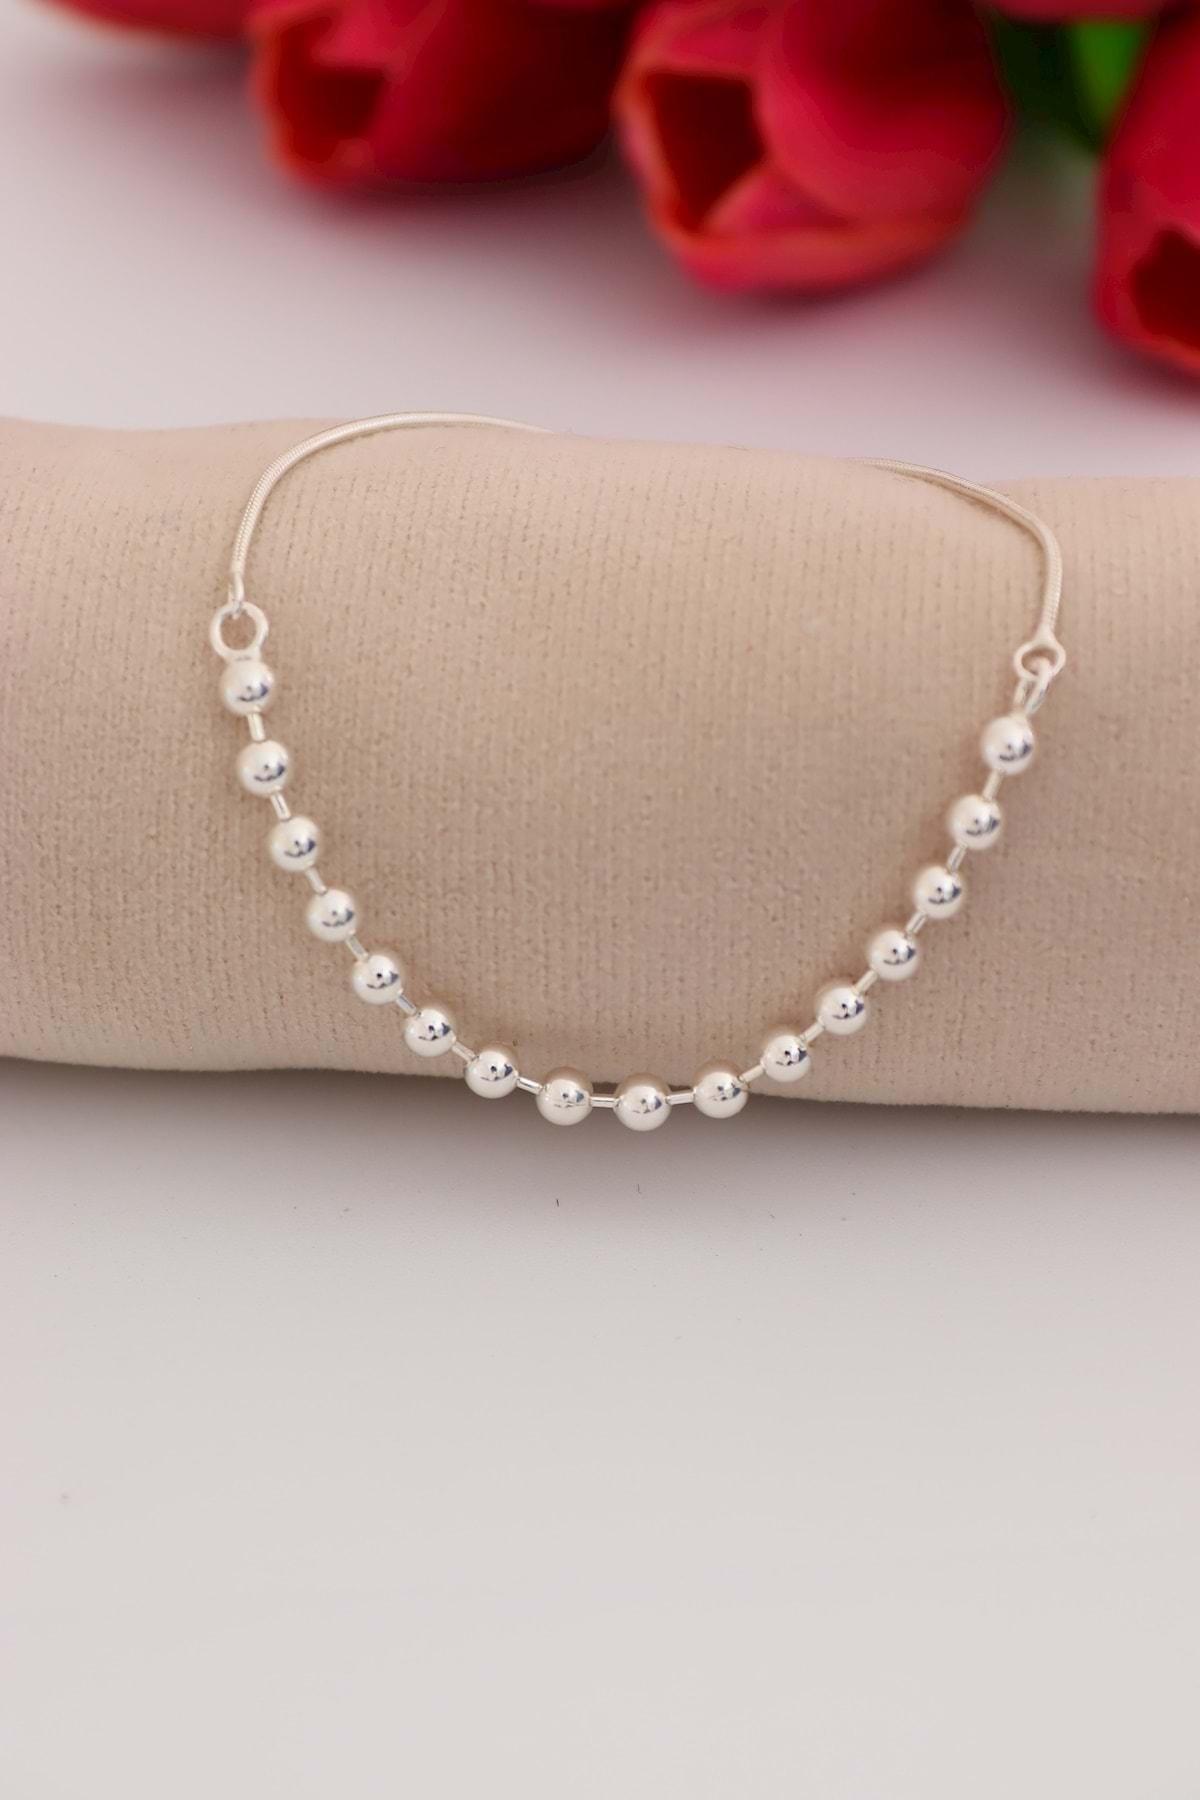 Soylu Silver Toplu 925 Ayar Ayarlanabilir Gümüş Bayan Bileklik 2